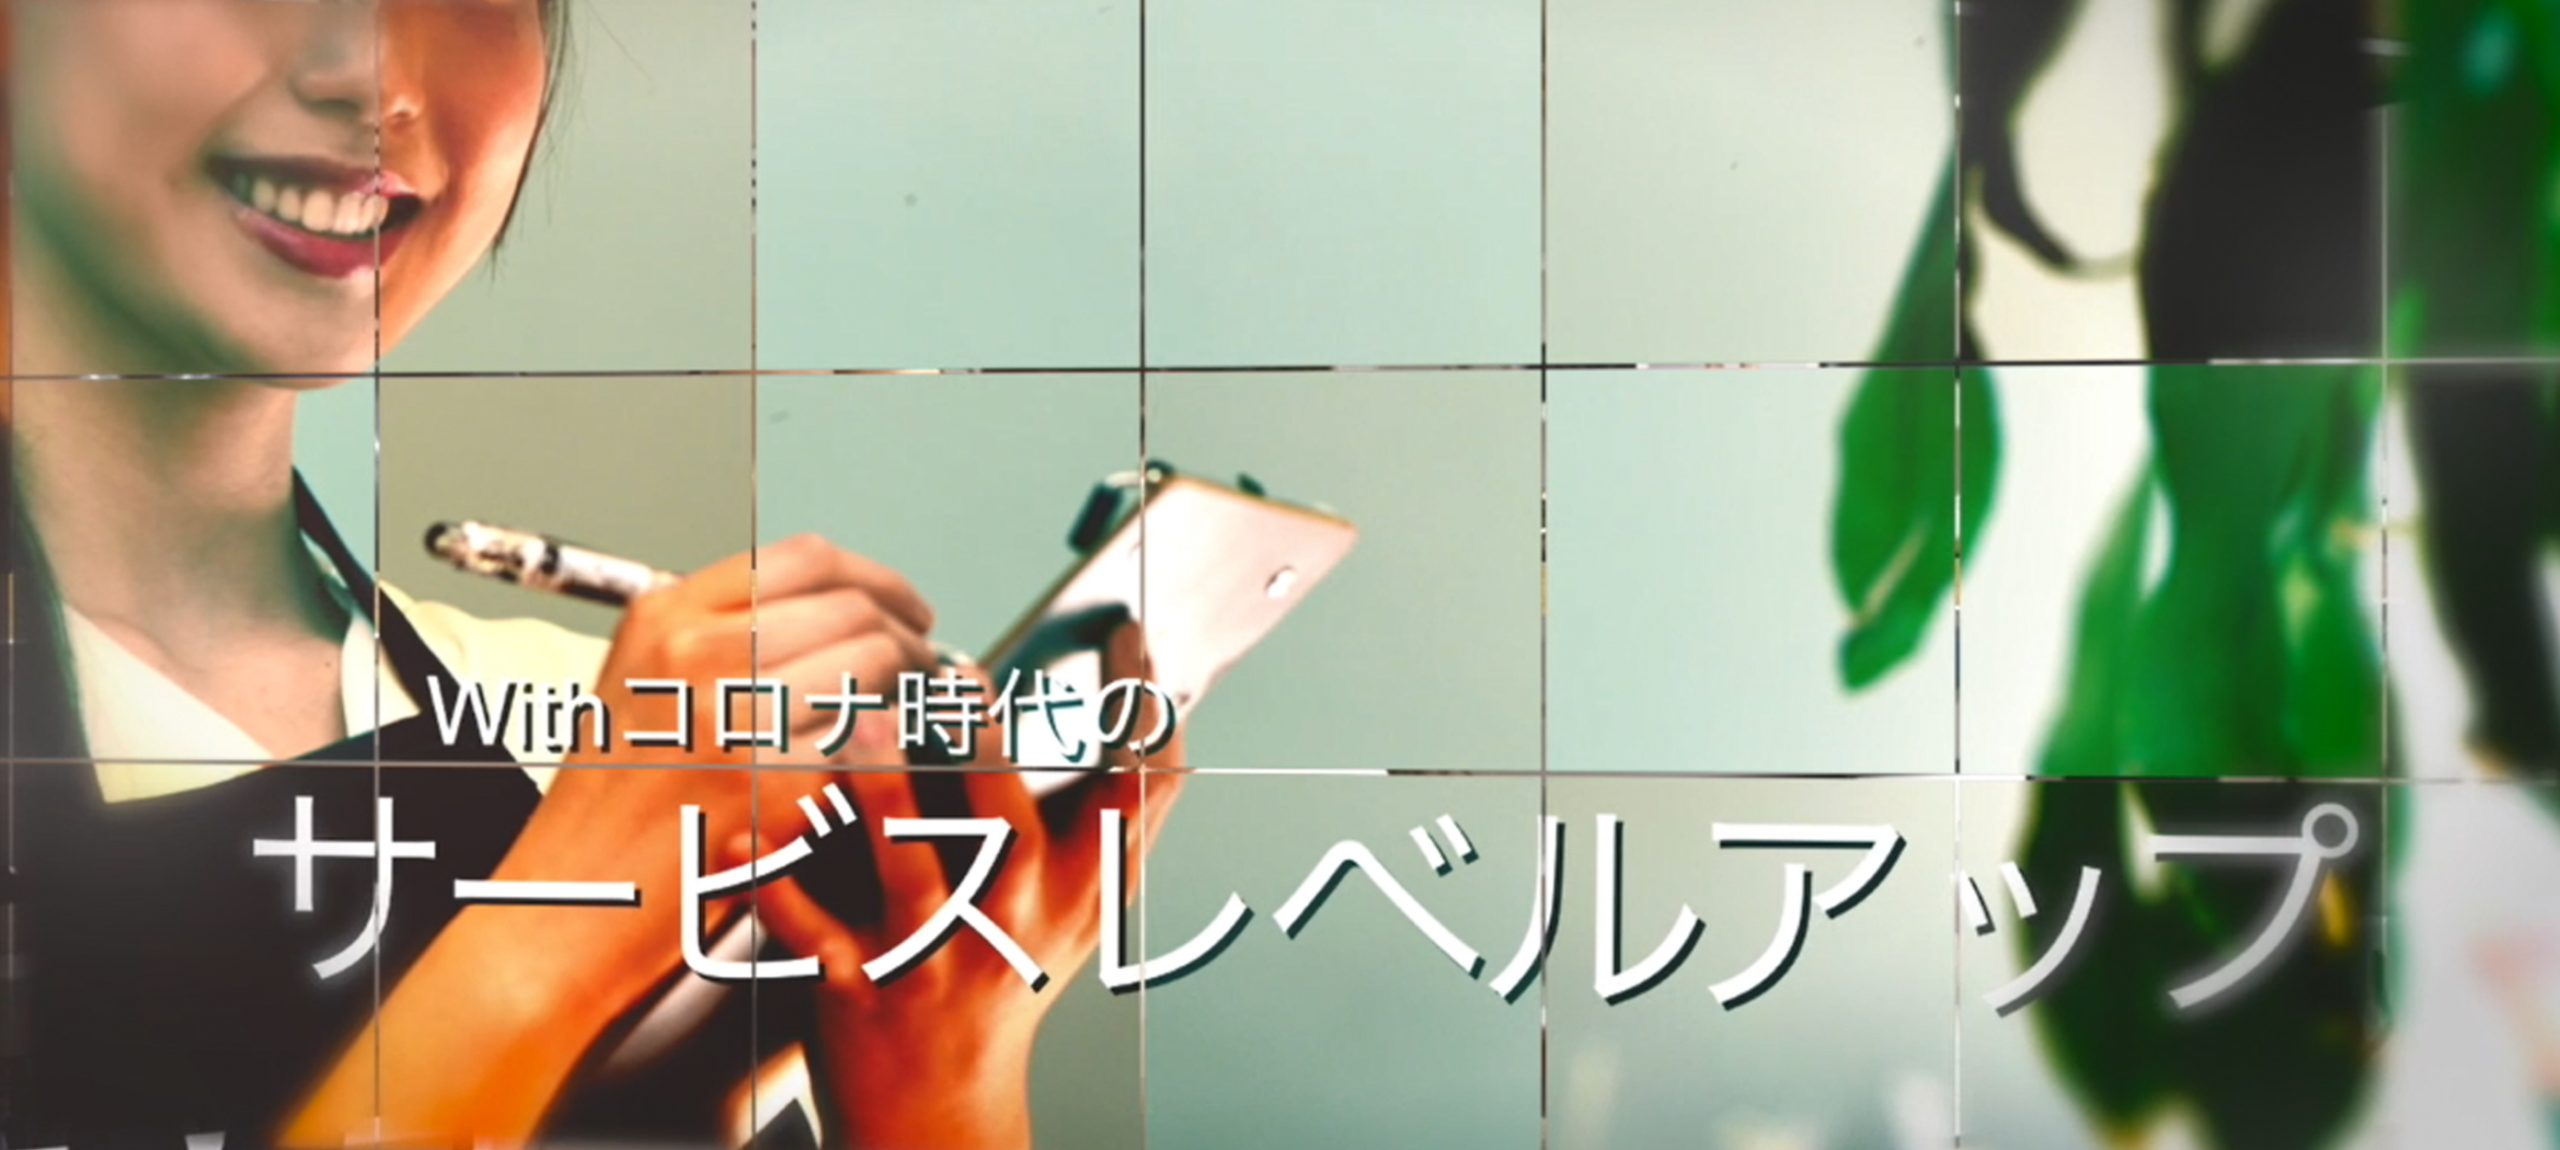 販売スタッフの教育・研修プログラム「Withコロナ時代の販売動画研修」のご紹介